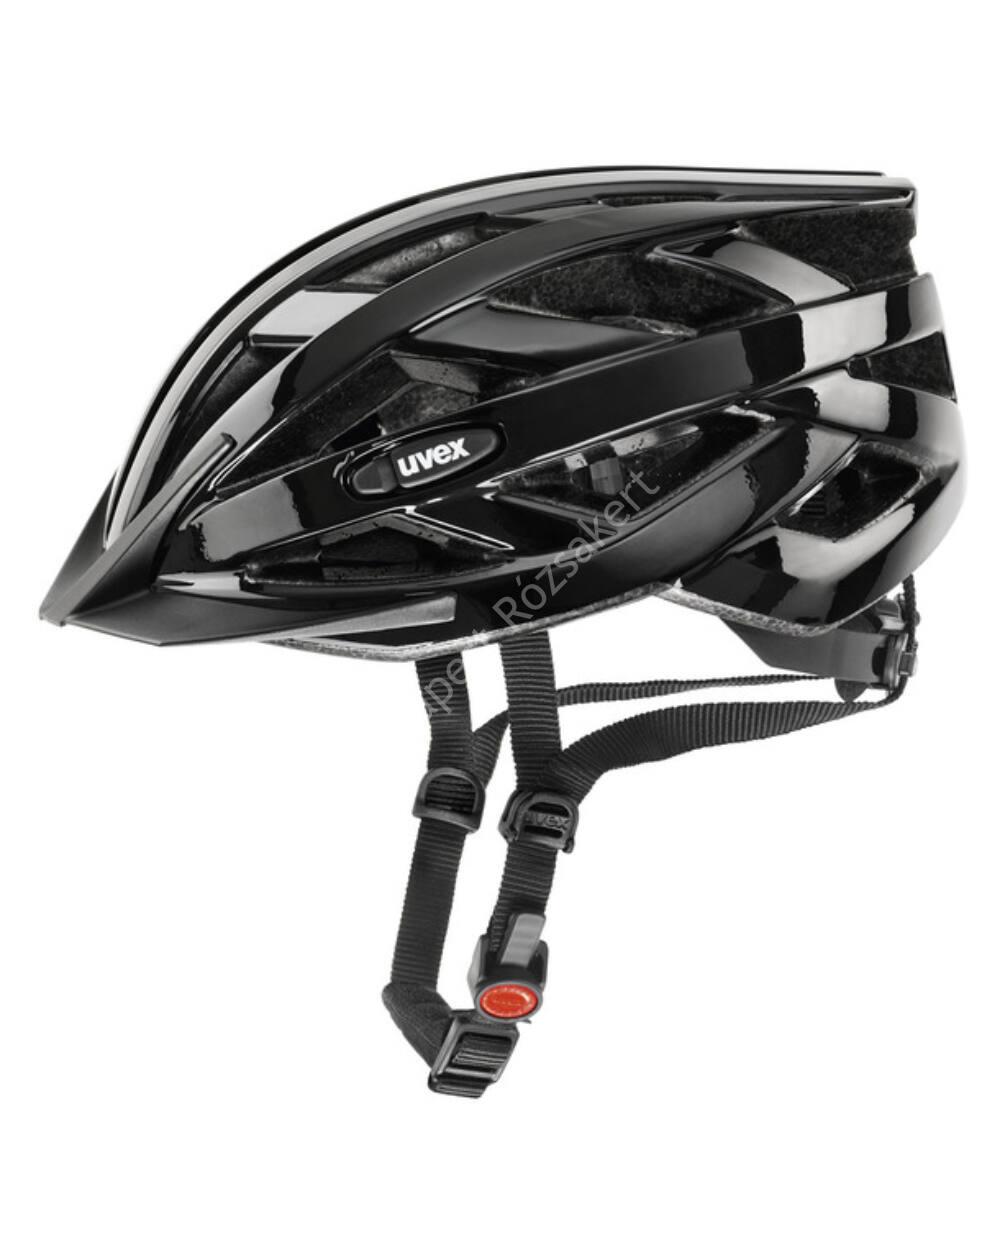 Uvex I-VO kerékpáros bukósisak, fekete, 56-60 cm